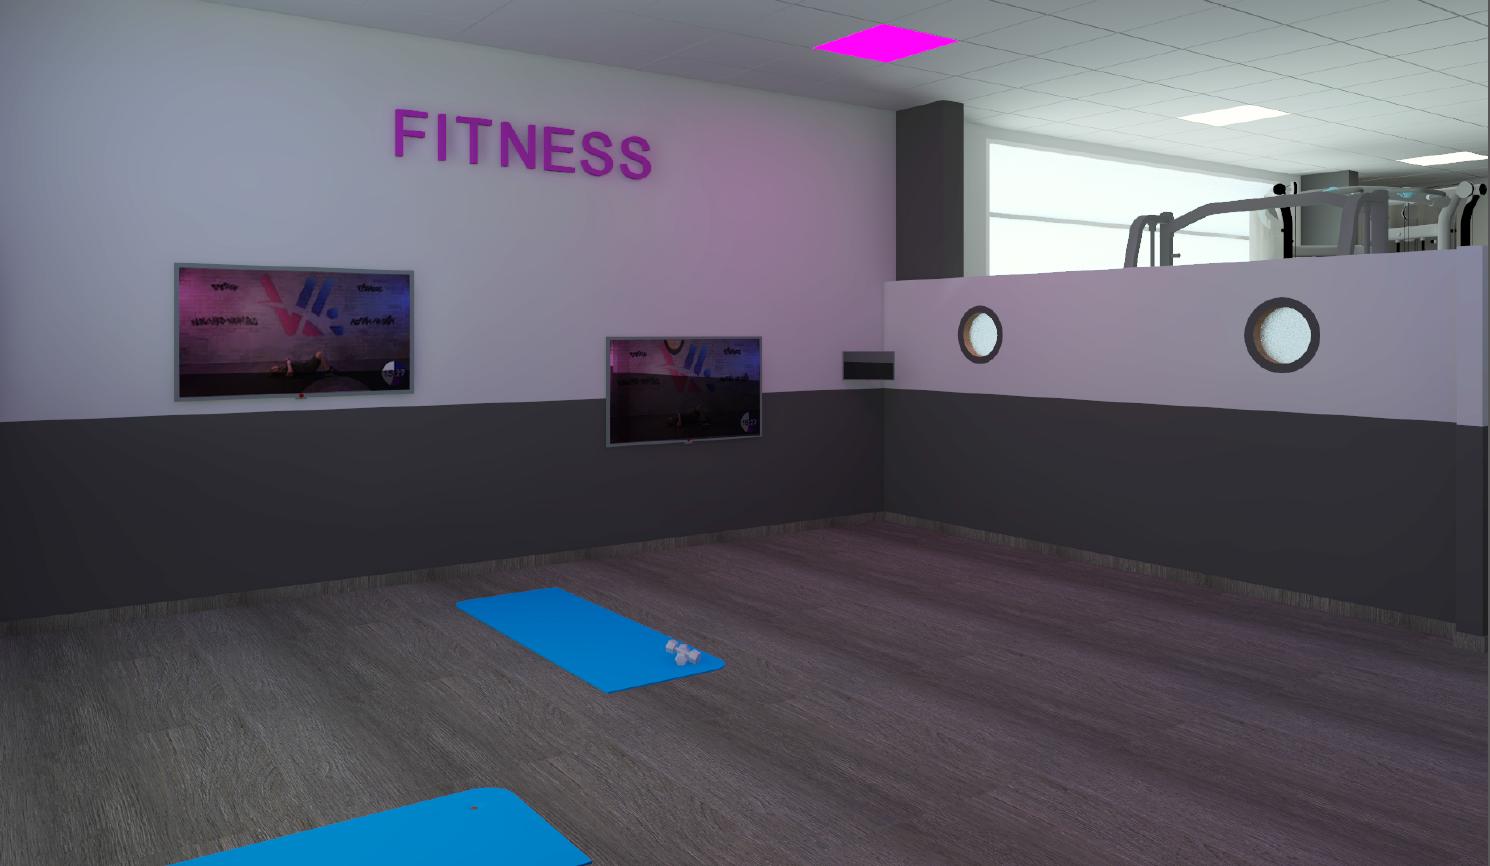 Salle de sport la penne-sur-Huveaune fitness